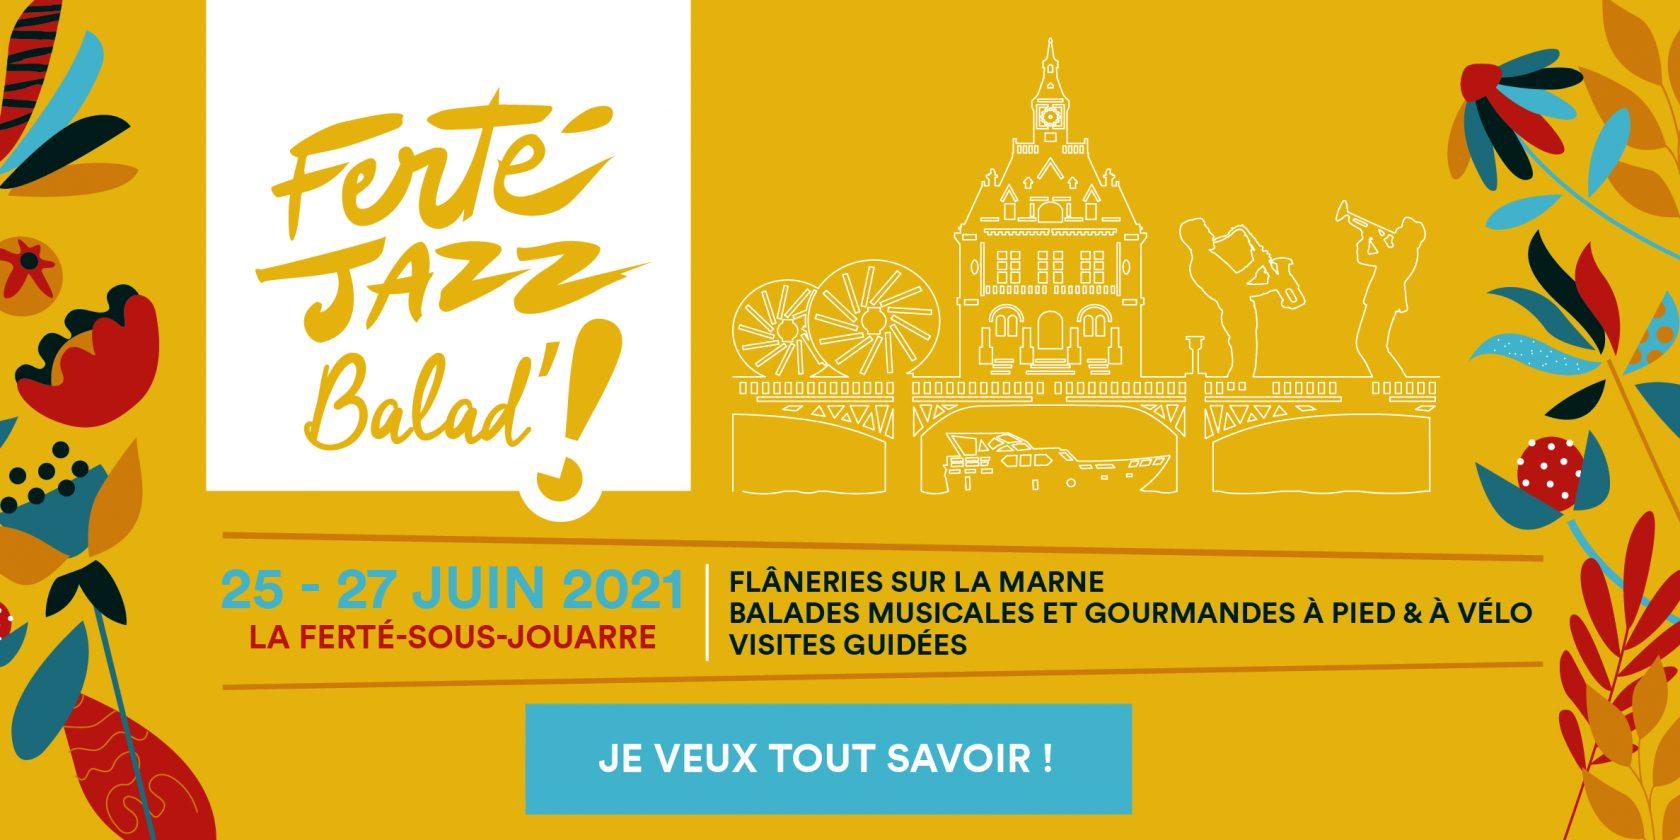 # Ferté Jazz Balad' 2021 - Balades musicales et gourmandes - Flâneries sur la Marne - Visites guidées